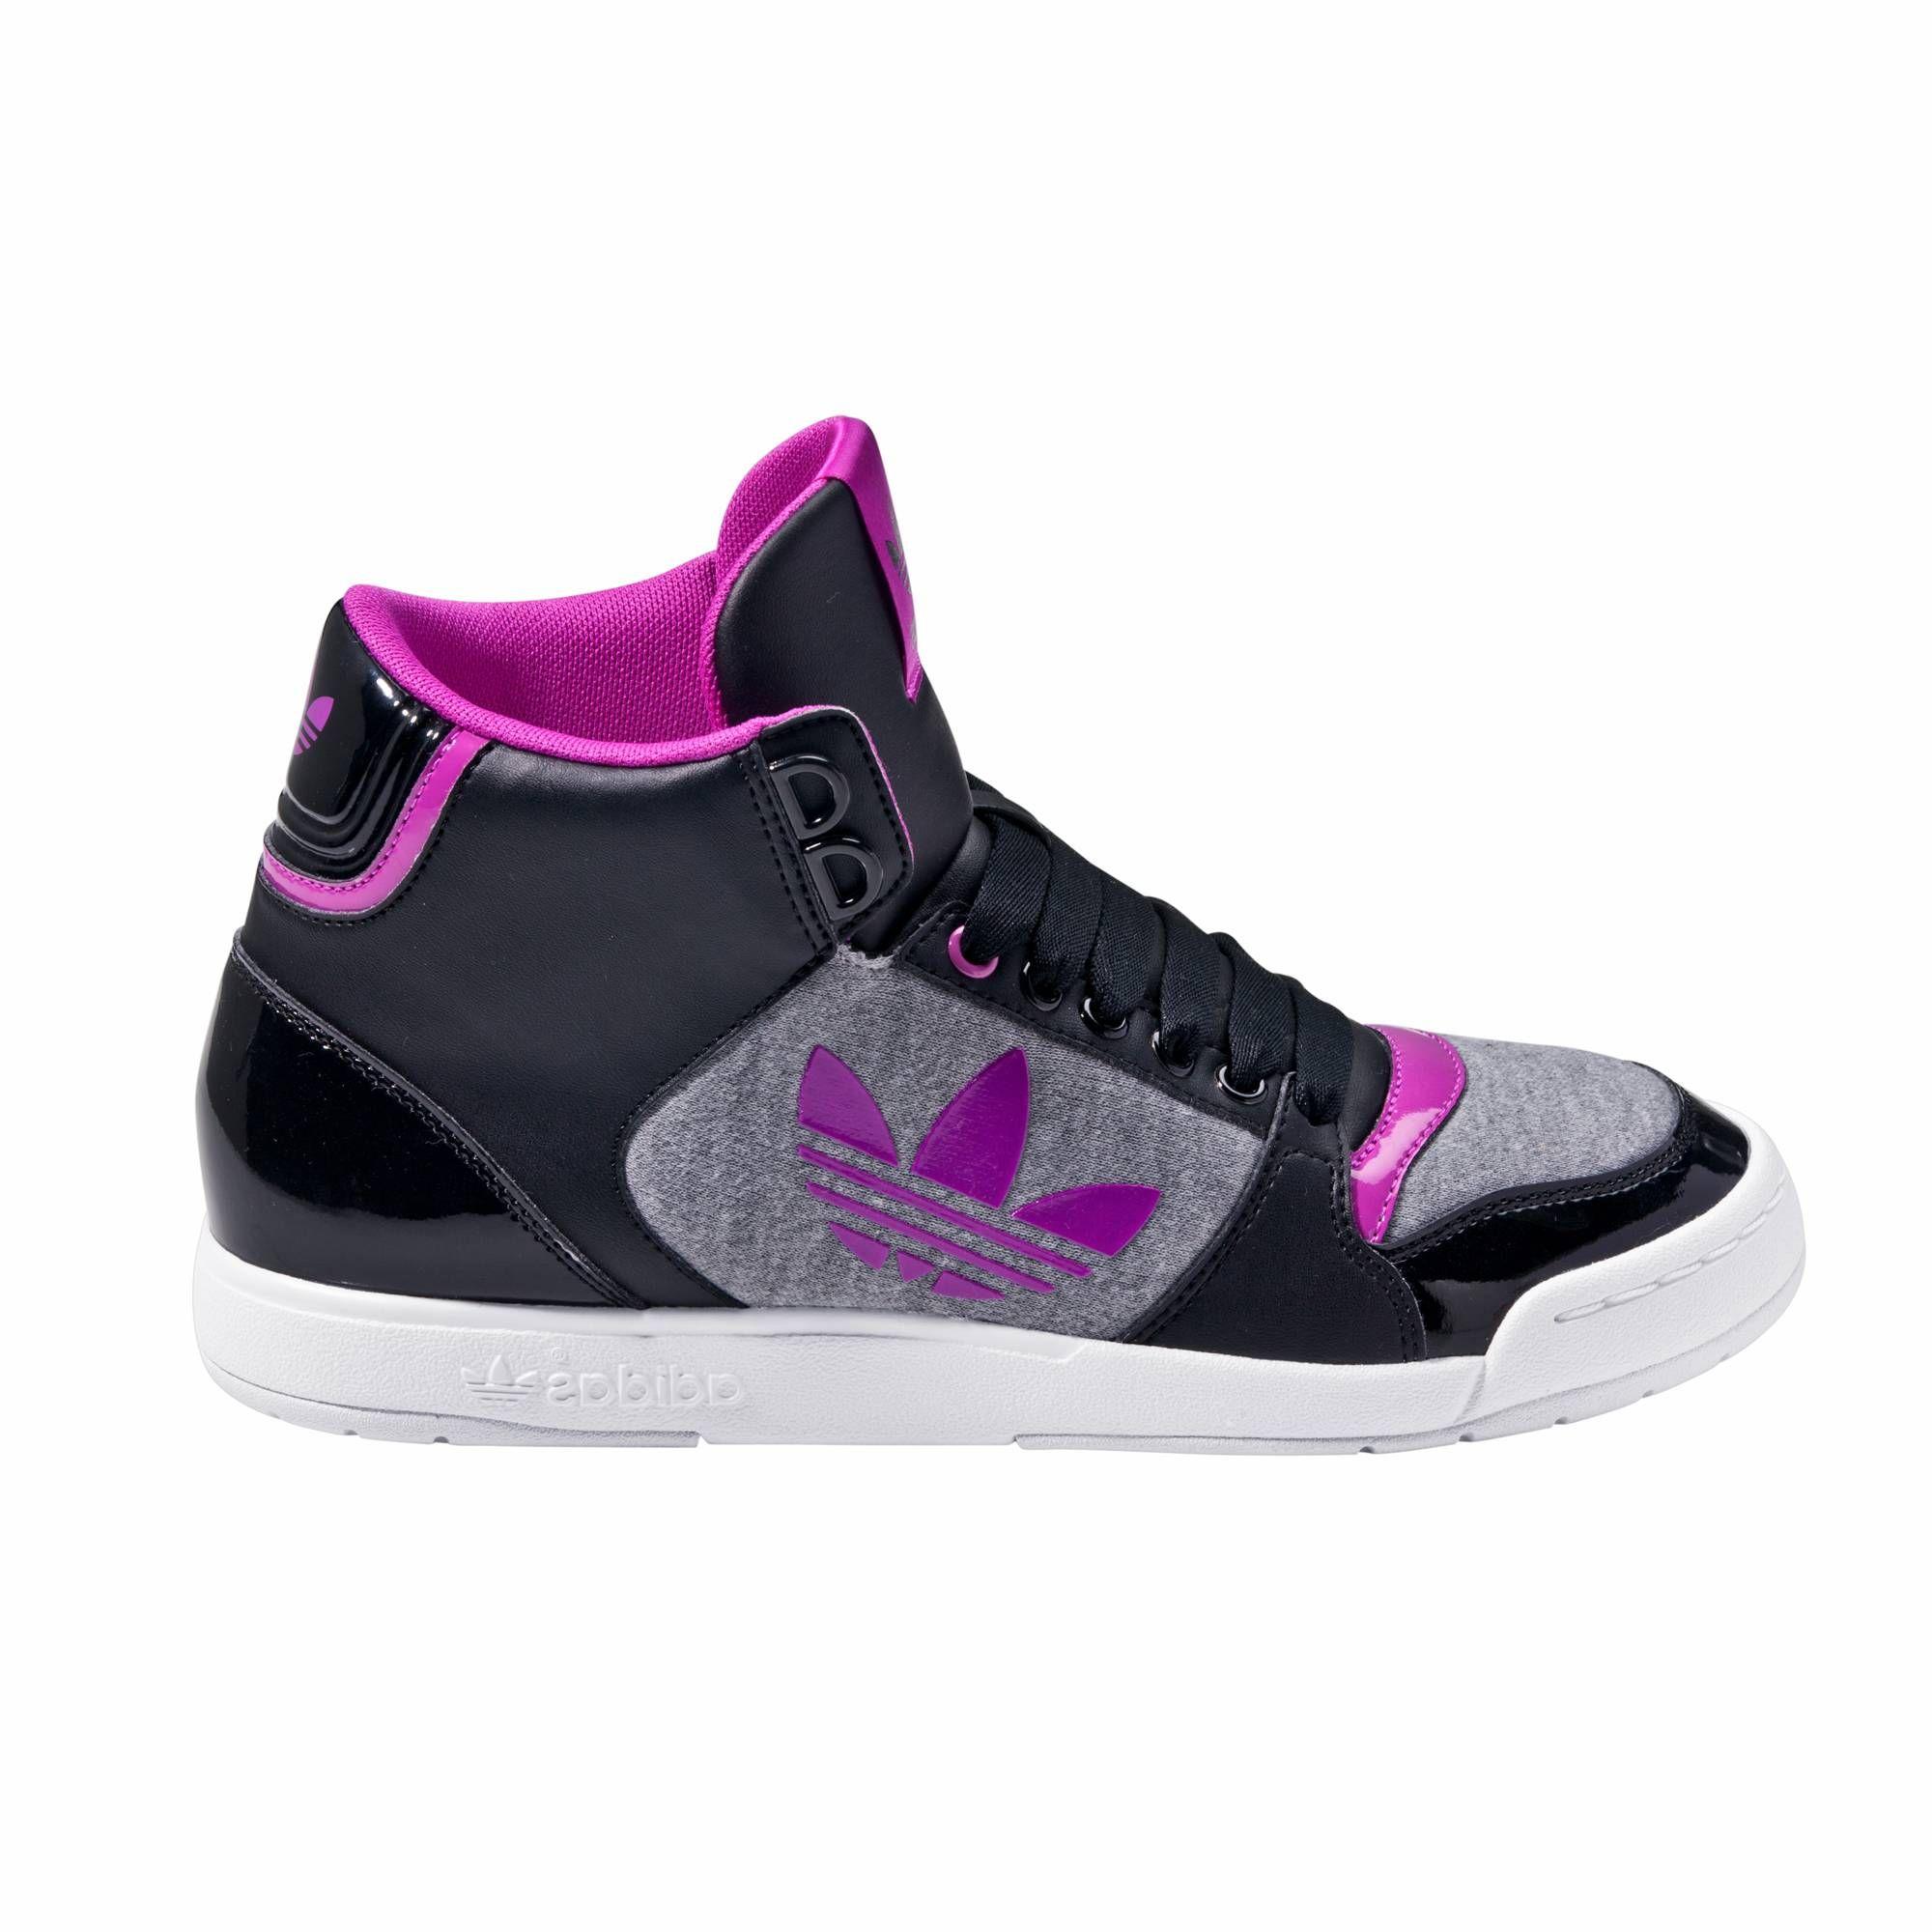 unique design multiple colors for whole family Chaussures sport MIDIRU COURT 2 de adidas femme - 3 Suisses ...